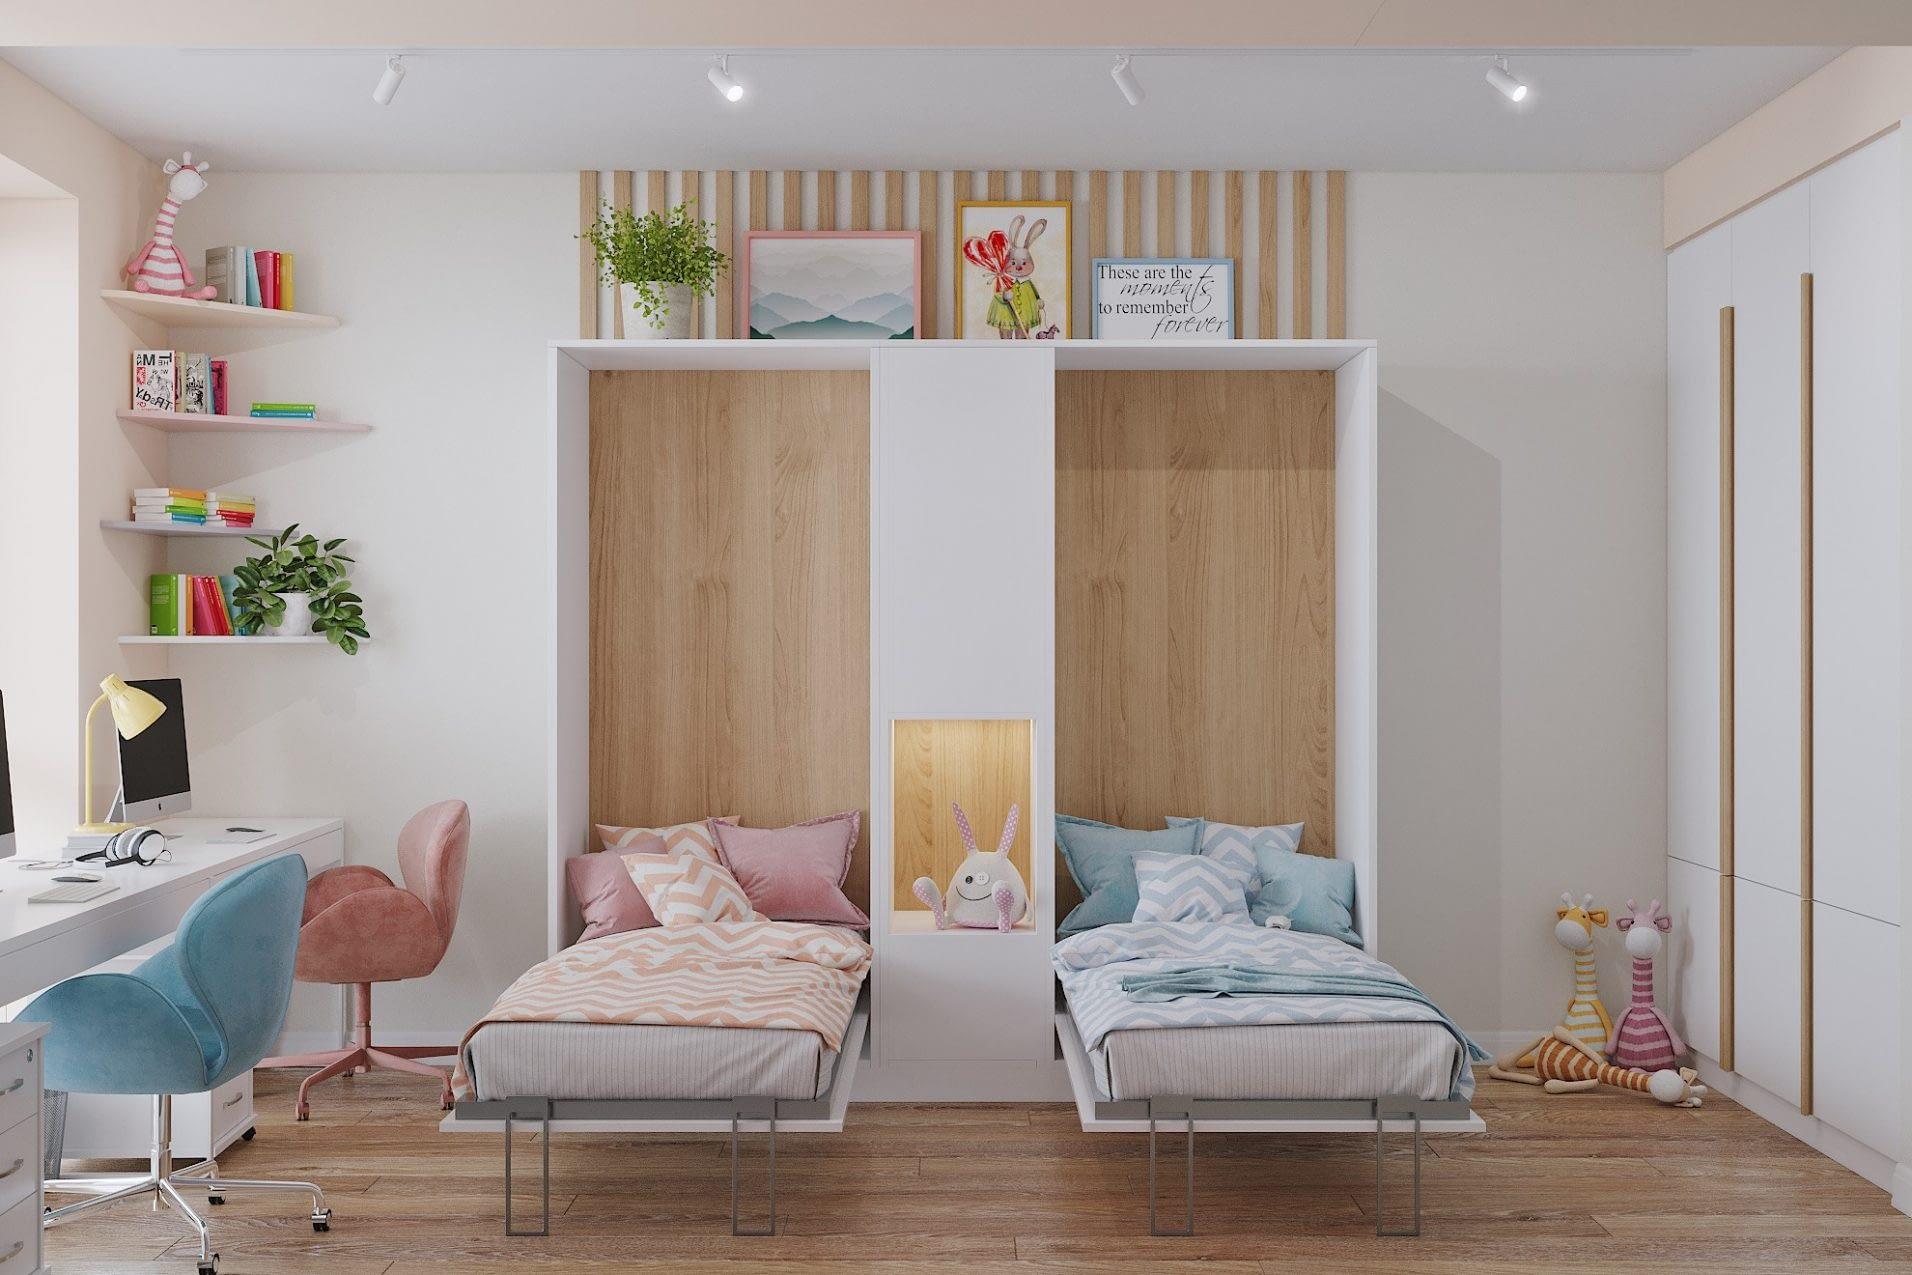 дизайн проект интерьера спальни квартиры от Lavrov Design